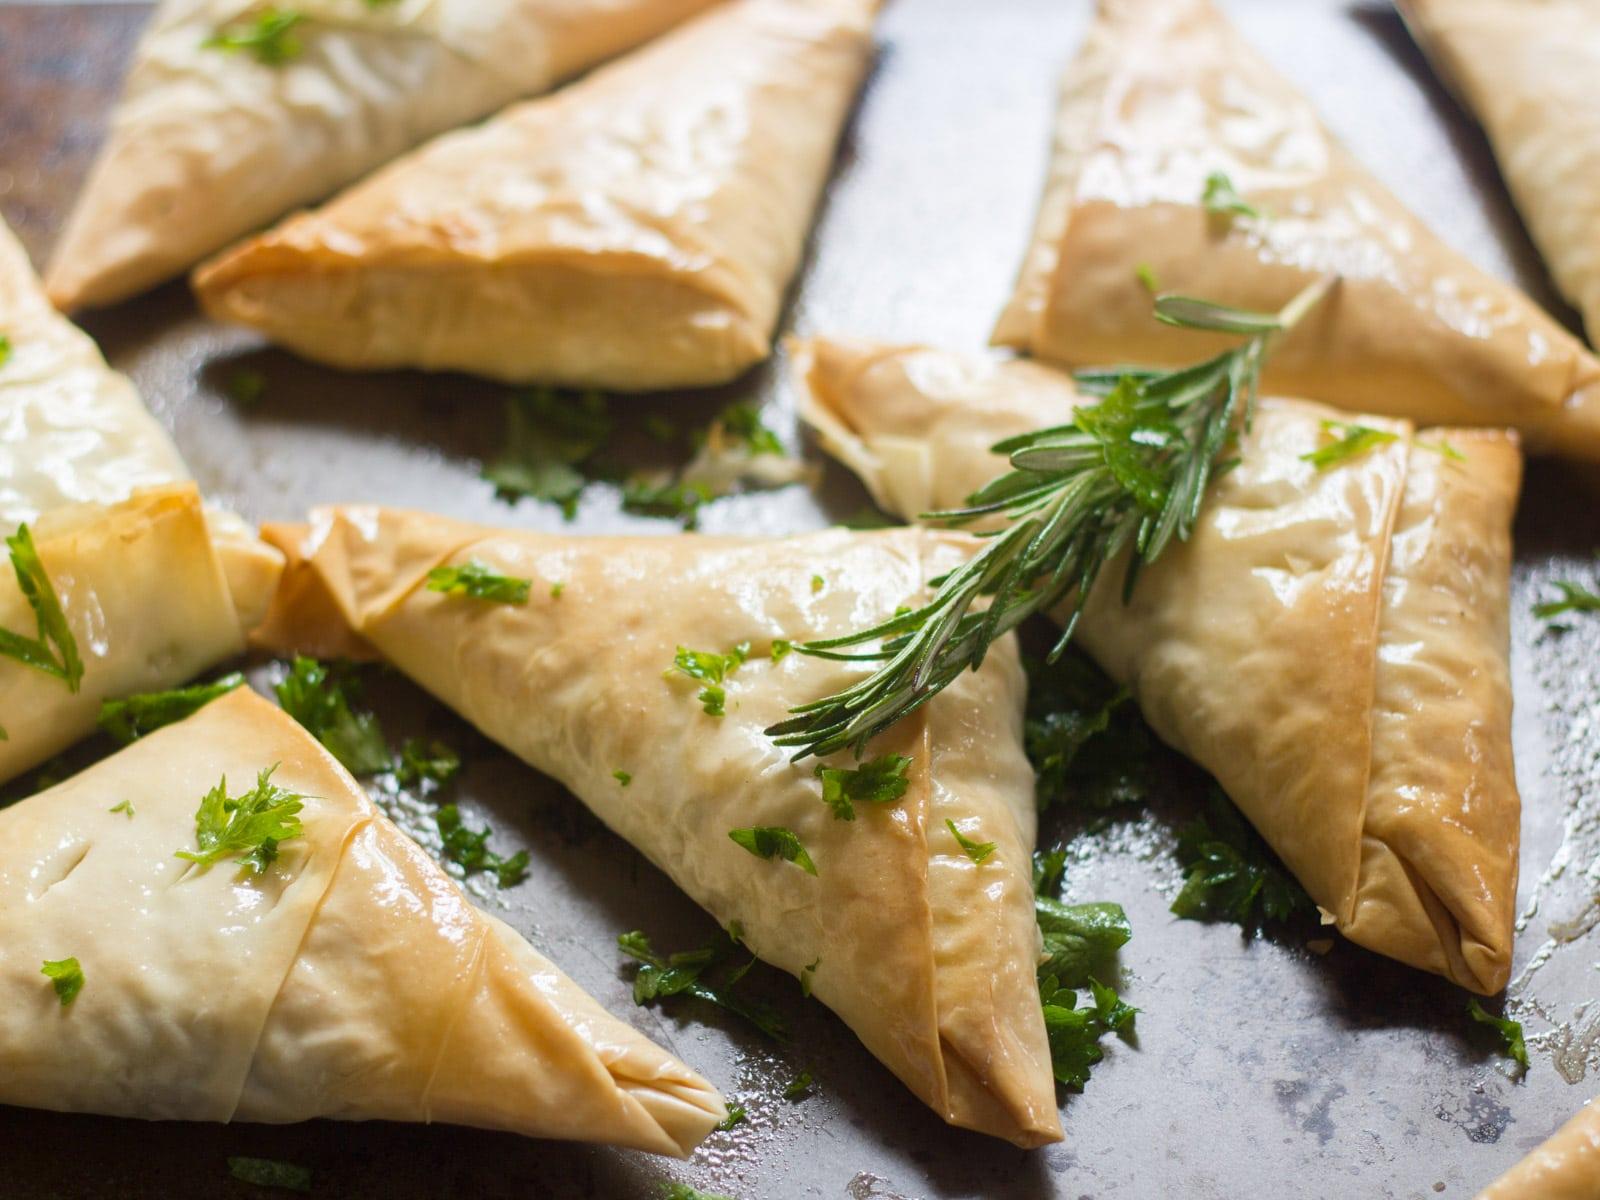 Savory Lentil Mushroom Vegan Hand Pies - Connoisseurus Veg Connoisseurus Veg Delicious Vegan Recipes, Vegetarian Recipes, Vegan Food Blog - Connoisseurus Veg %